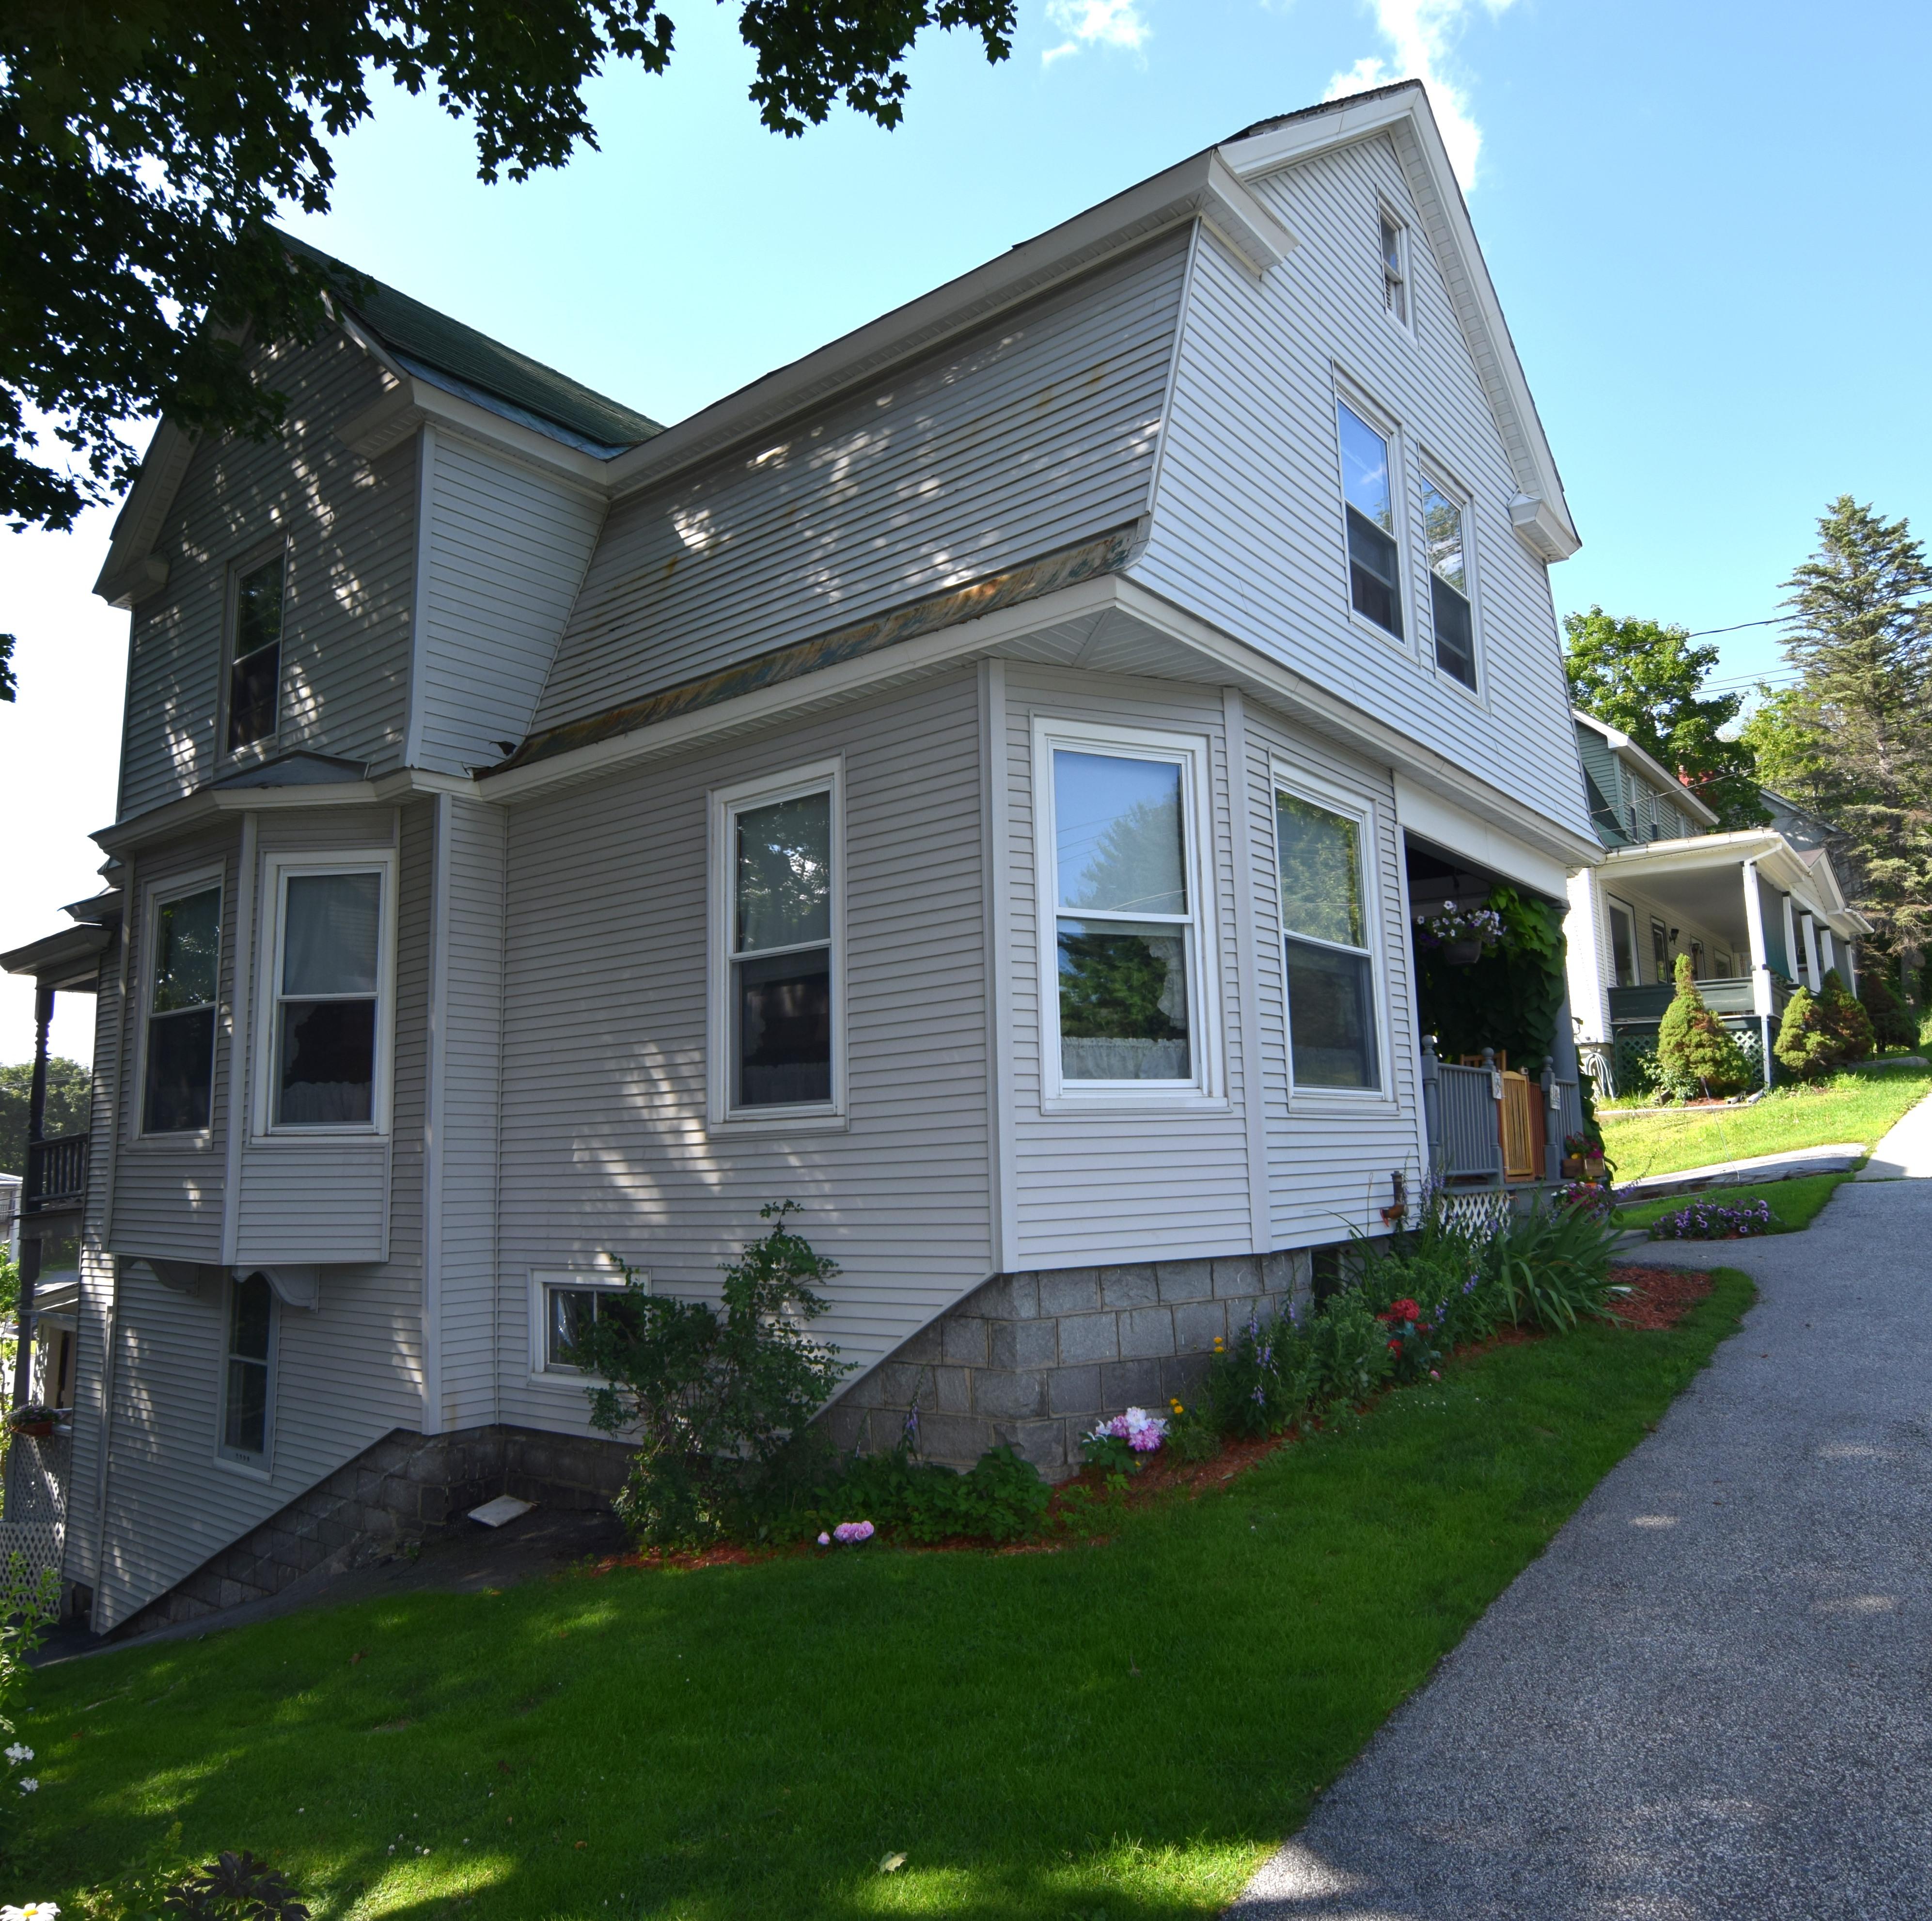 Maison unifamiliale pour l Vente à 18 Sheridan Street, Barre City Barre, Vermont 05641 États-Unis